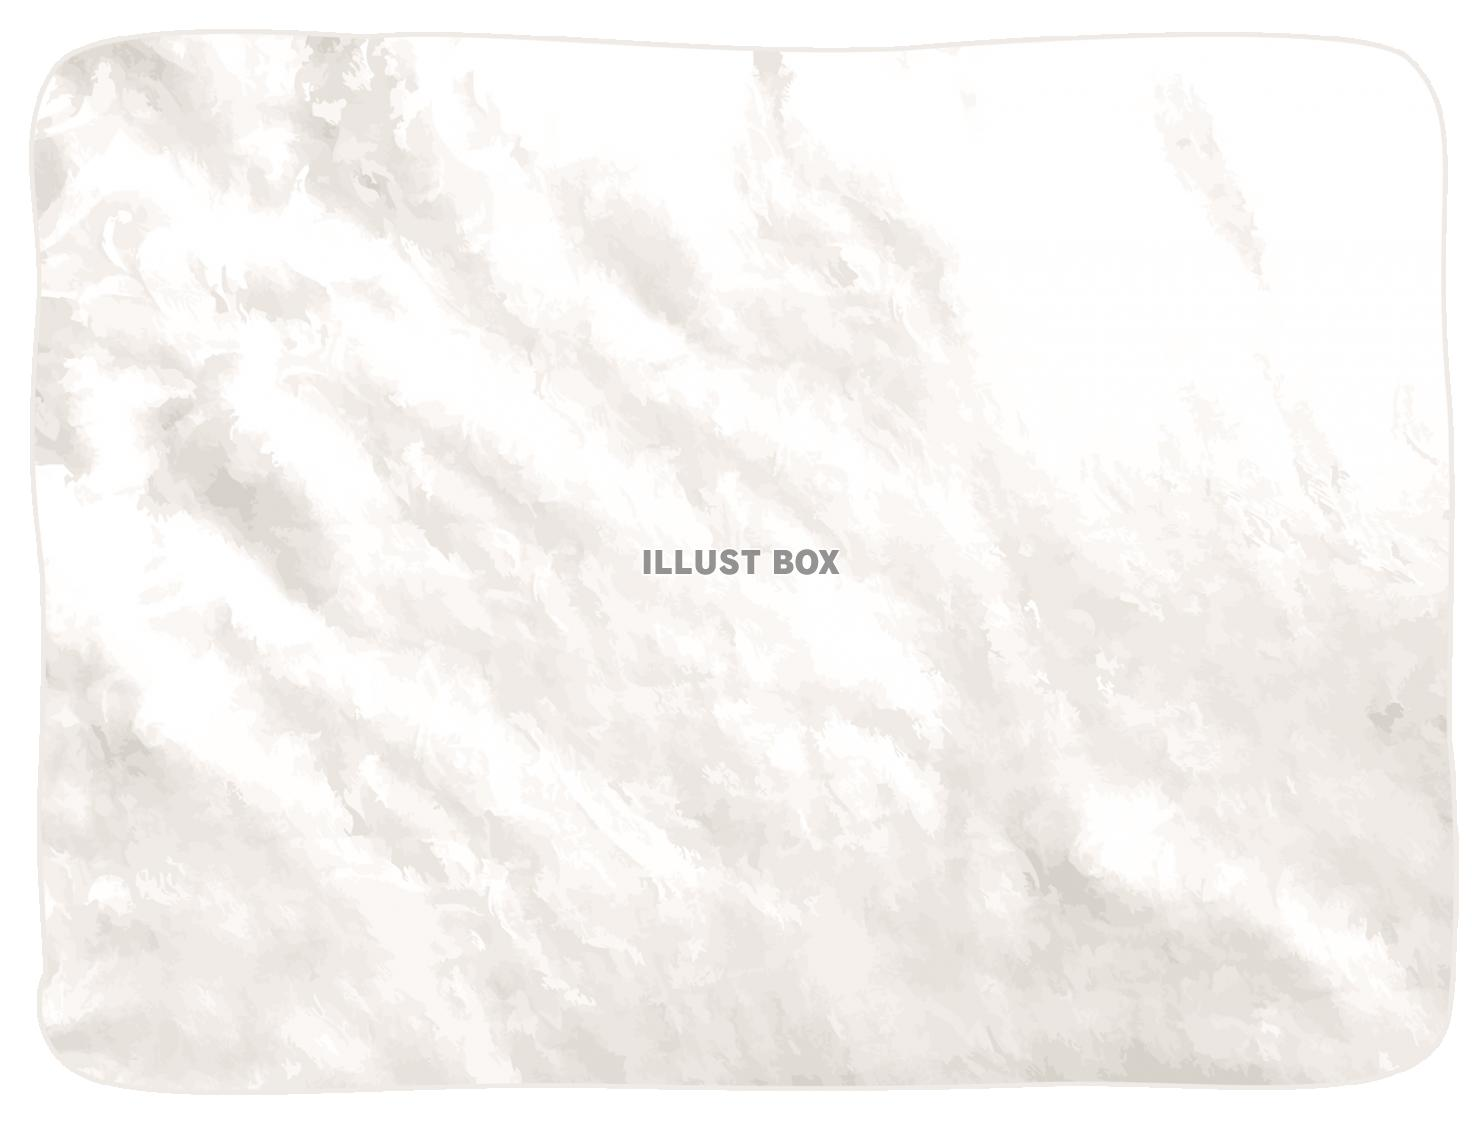 無料イラスト 背景布和紙壁紙無地手書き水彩フレームイラストシンプル白色ベー